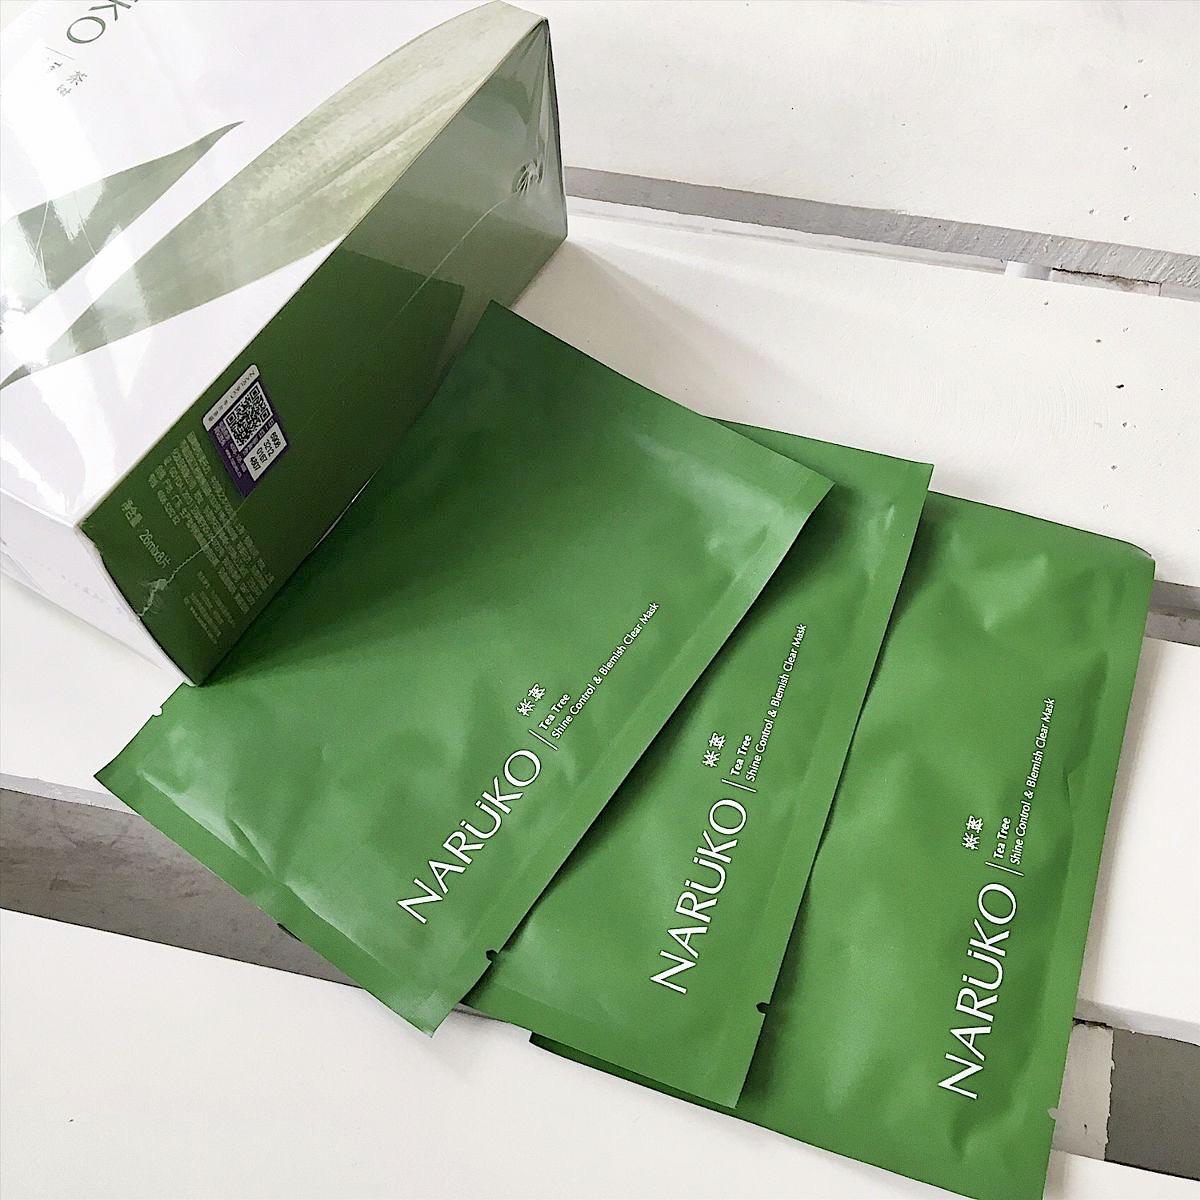 Cách đơn giản rinh trọn 200 phần quà miễn phí từ Naruko Đài Loan - Ảnh 3.